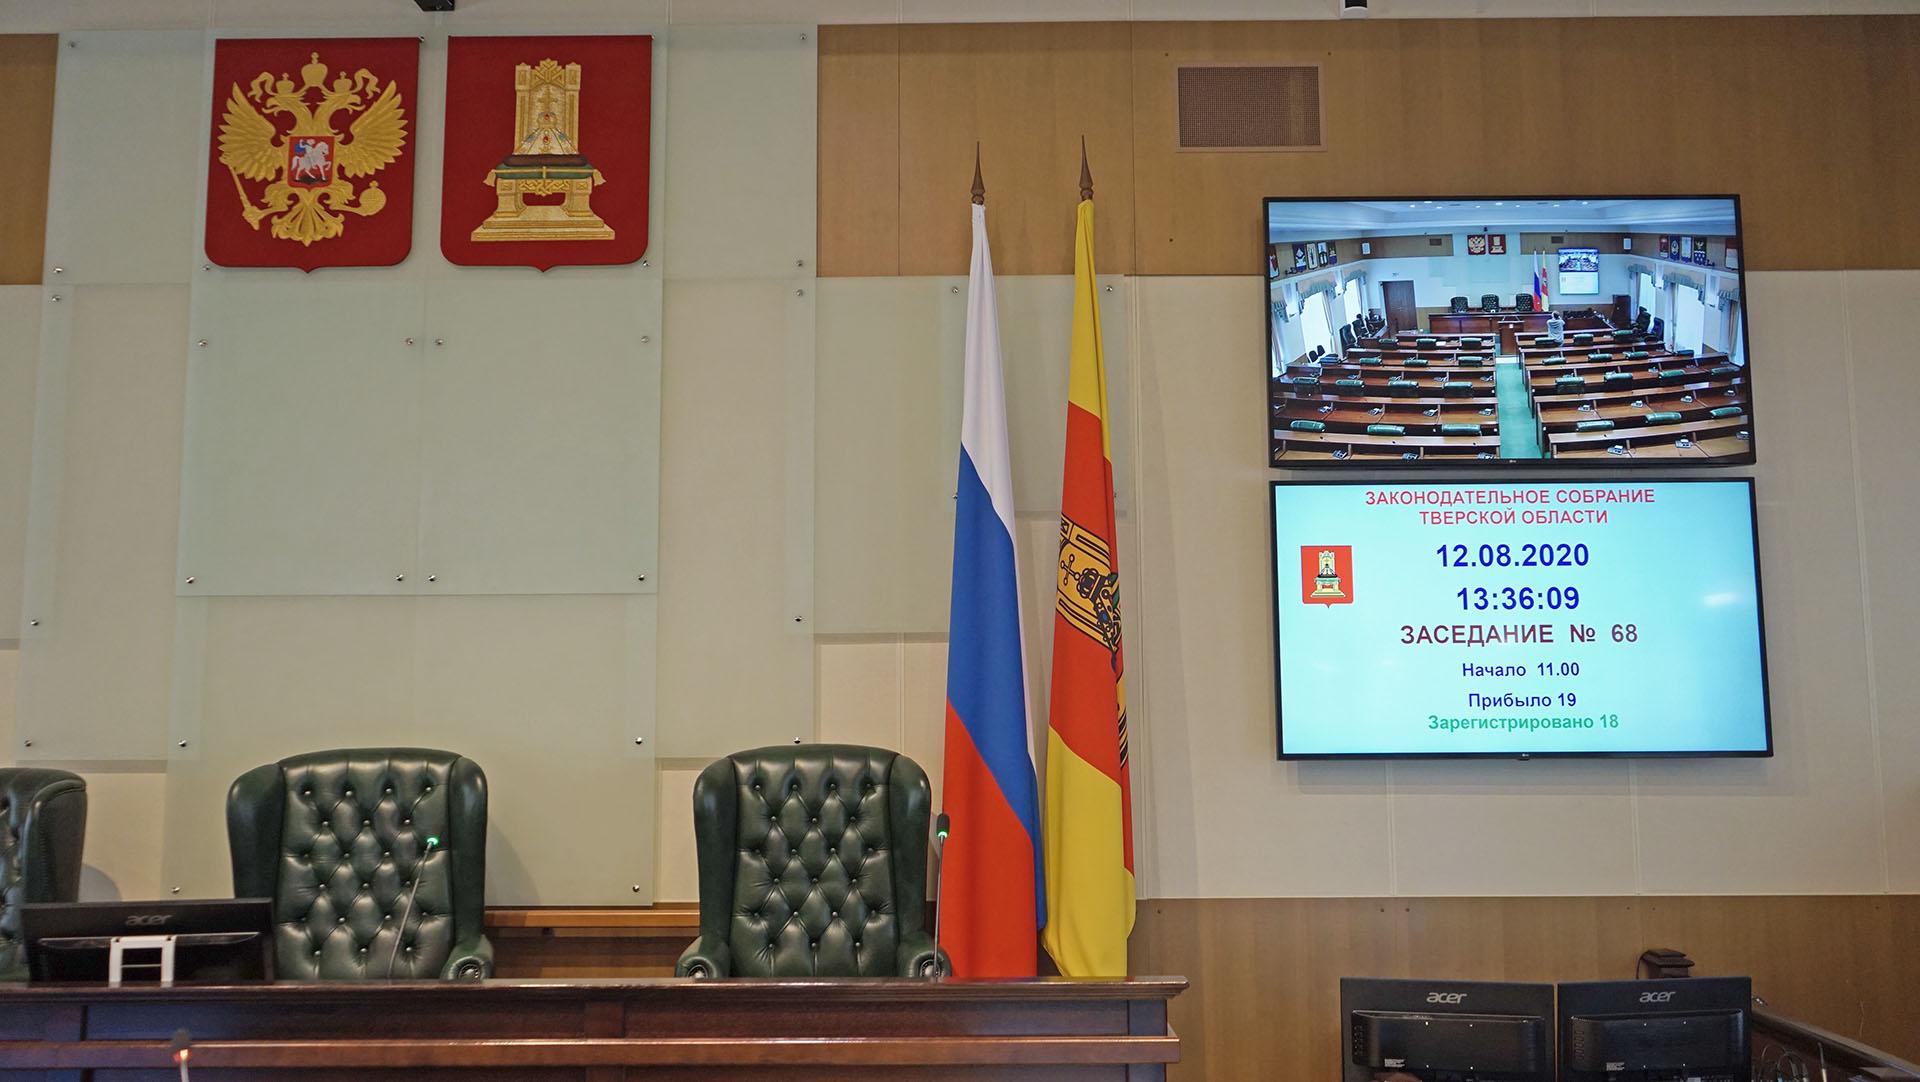 Экраны в зале заседаний